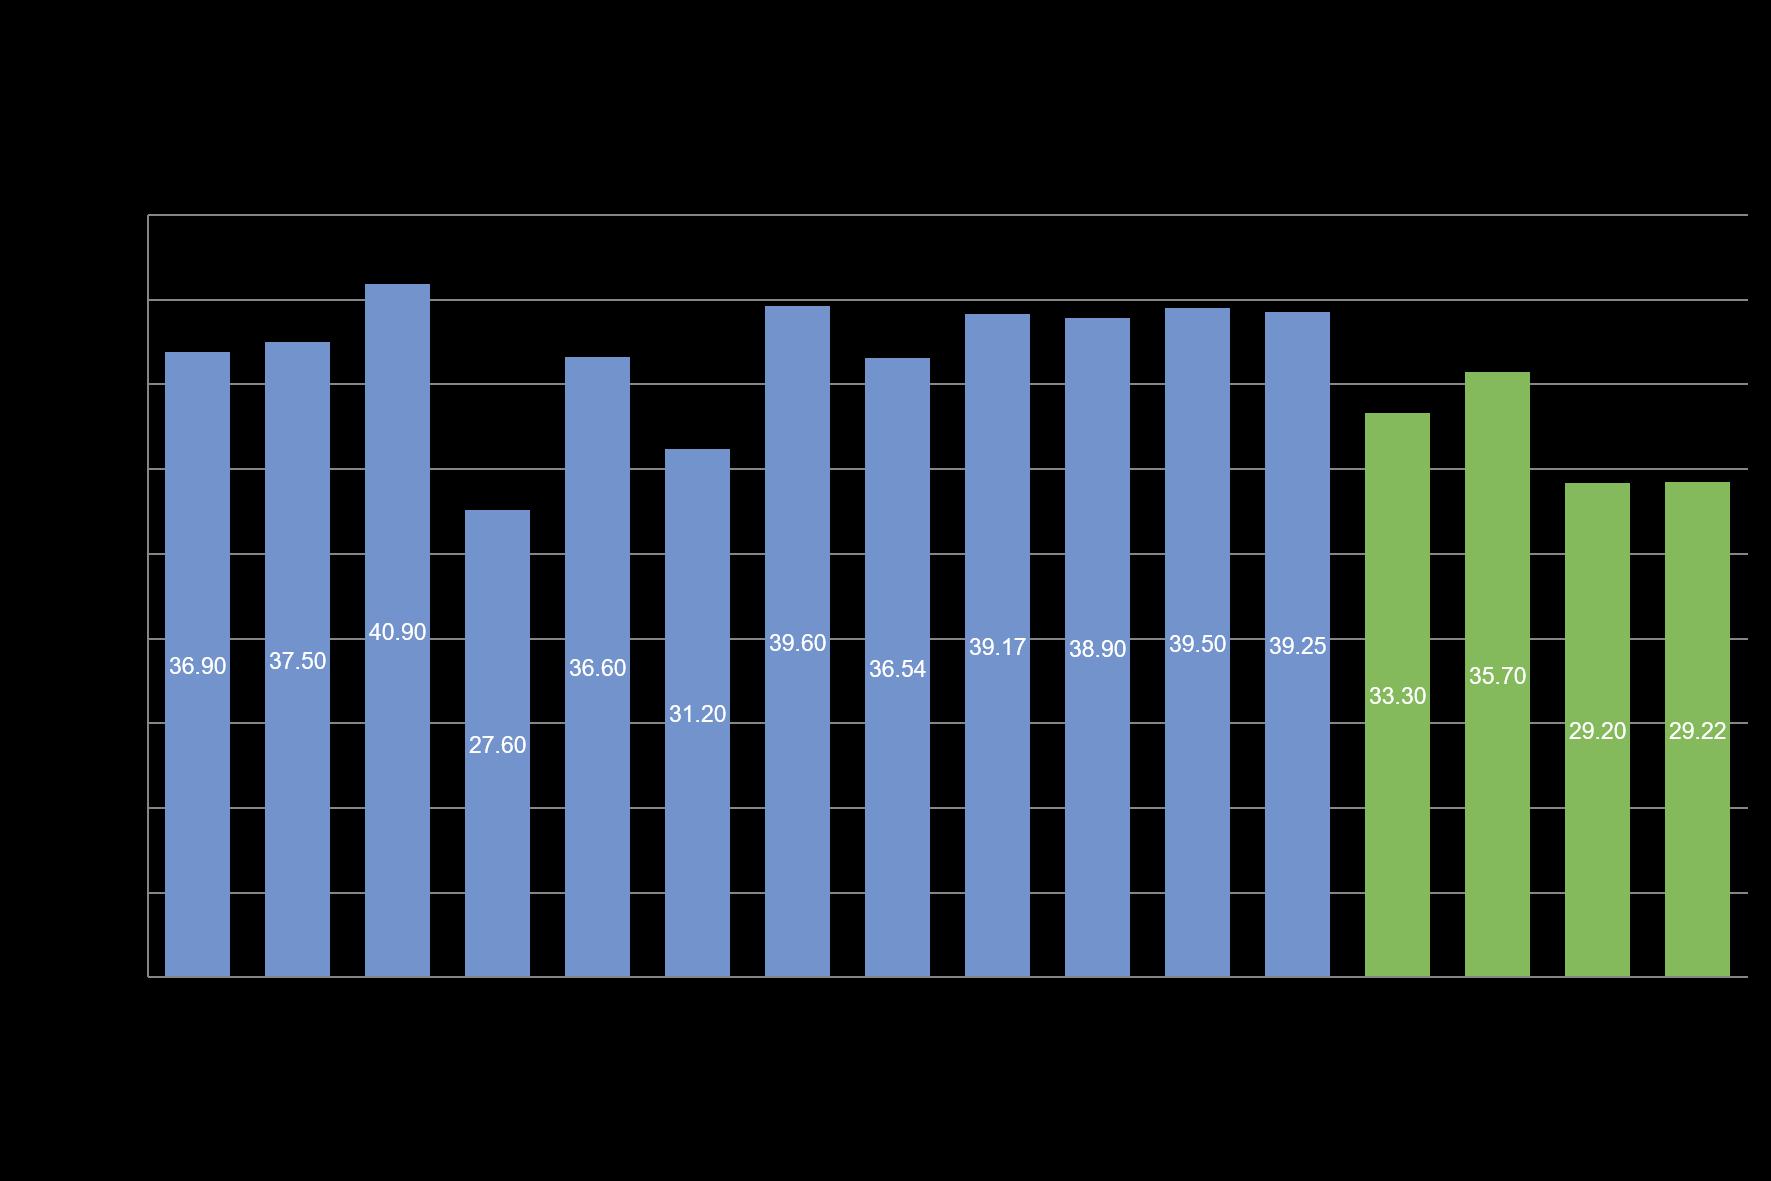 Pháp: Gieo trồng lúa mỳ mềm niên vụ 20/21 đã đạt 95% diện tích dự kiến